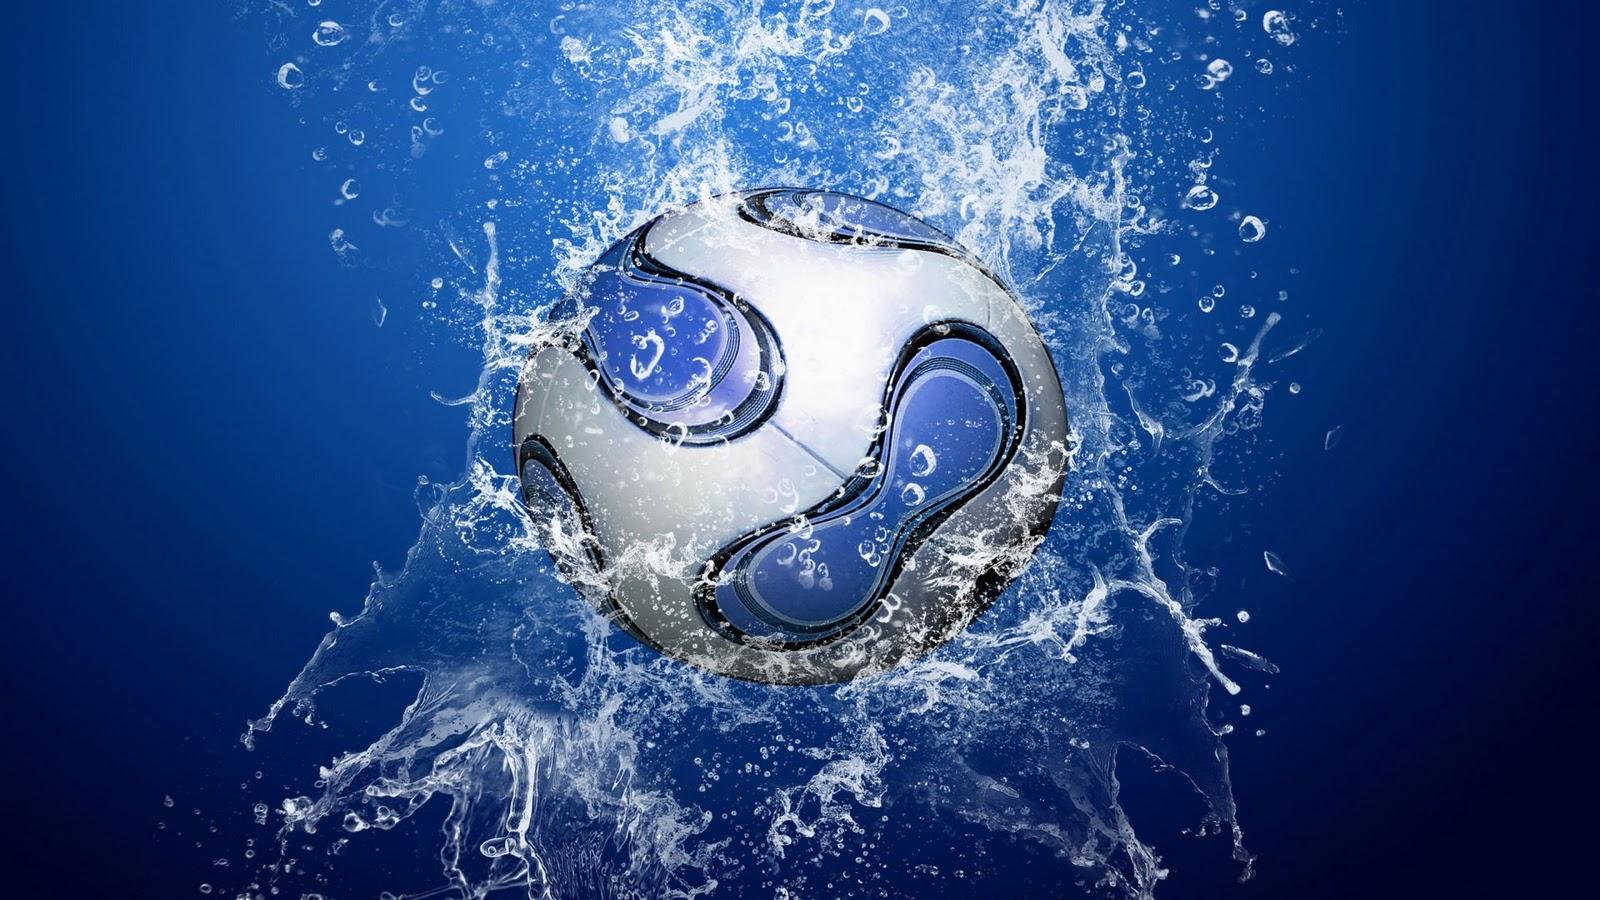 http://2.bp.blogspot.com/_GoCwCBsEsa4/TUH9R5r4E1I/AAAAAAAAAoo/MRAF3kaqAZE/s1600/football-widescreen-wallpaper_1920x1080_85672.jpg